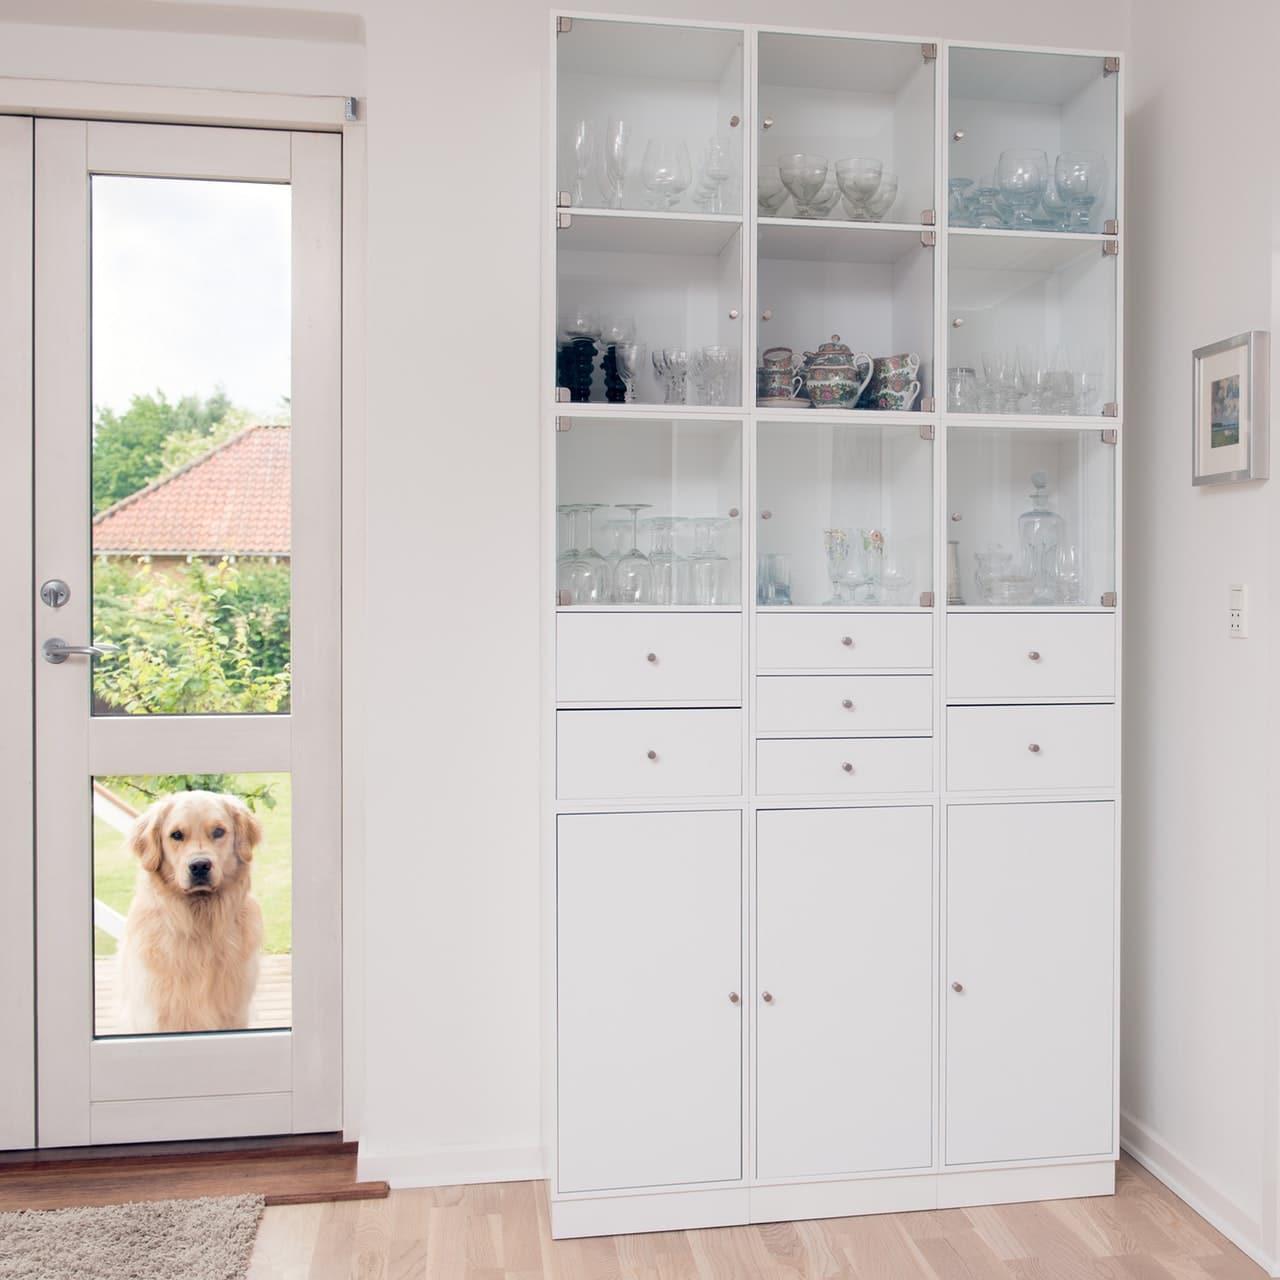 Exterior Door Locks Article Image